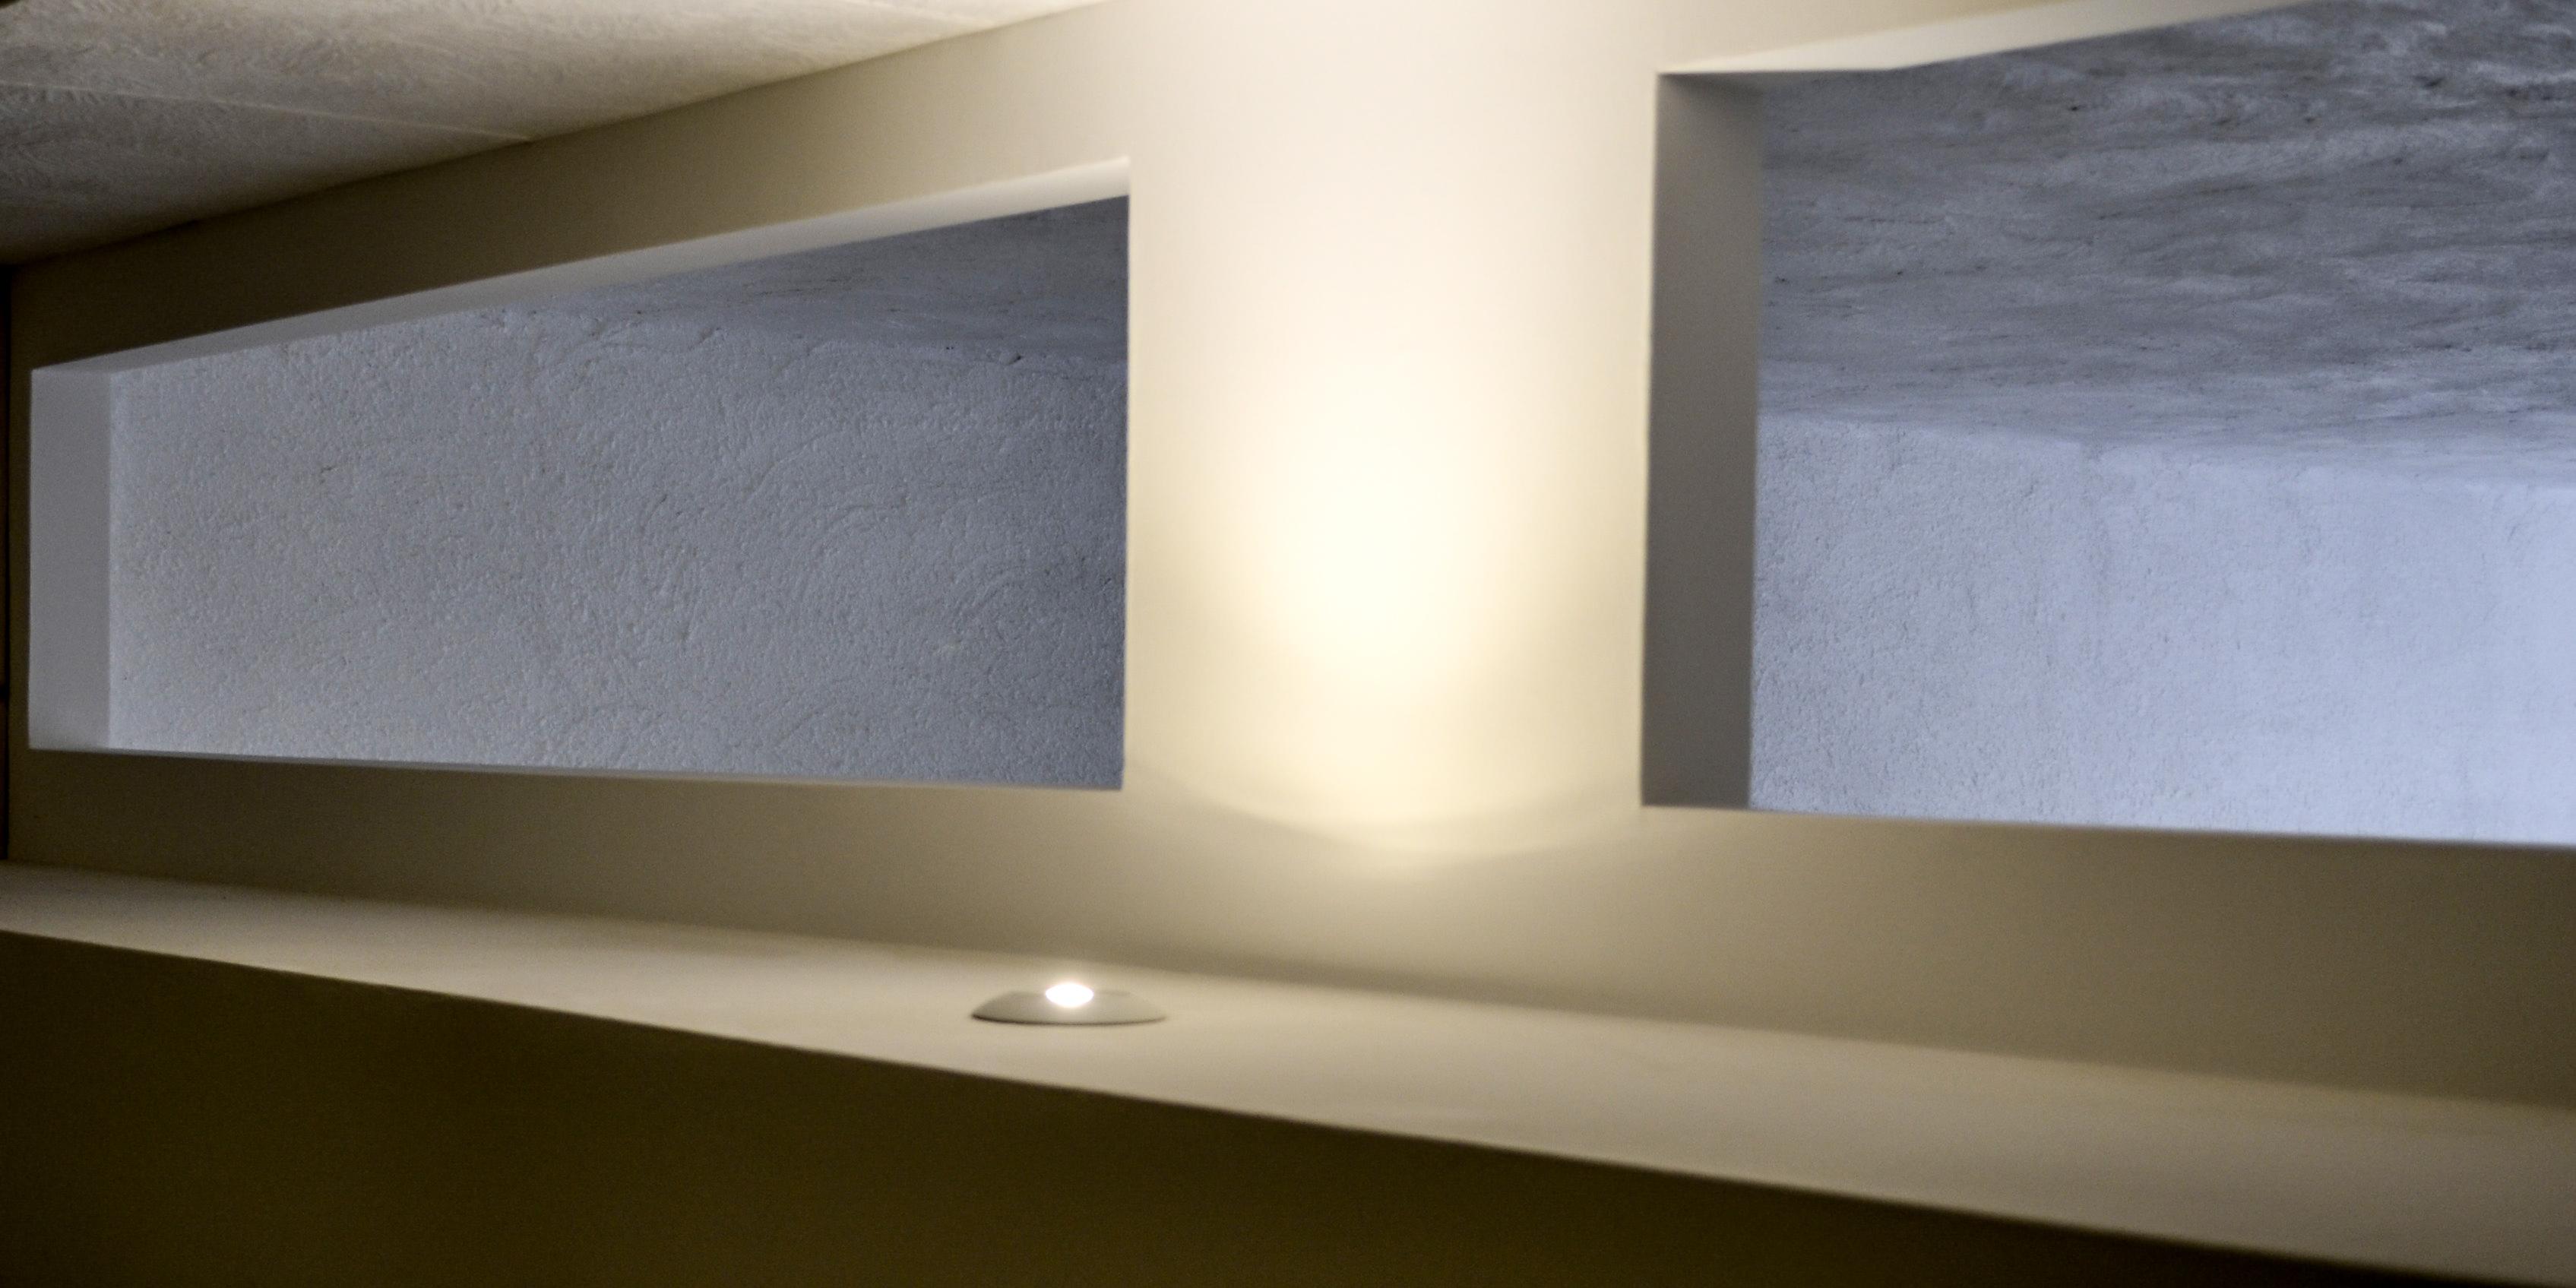 Travail placo-plâtre, avec intégration lampe LED SMD dernière génération